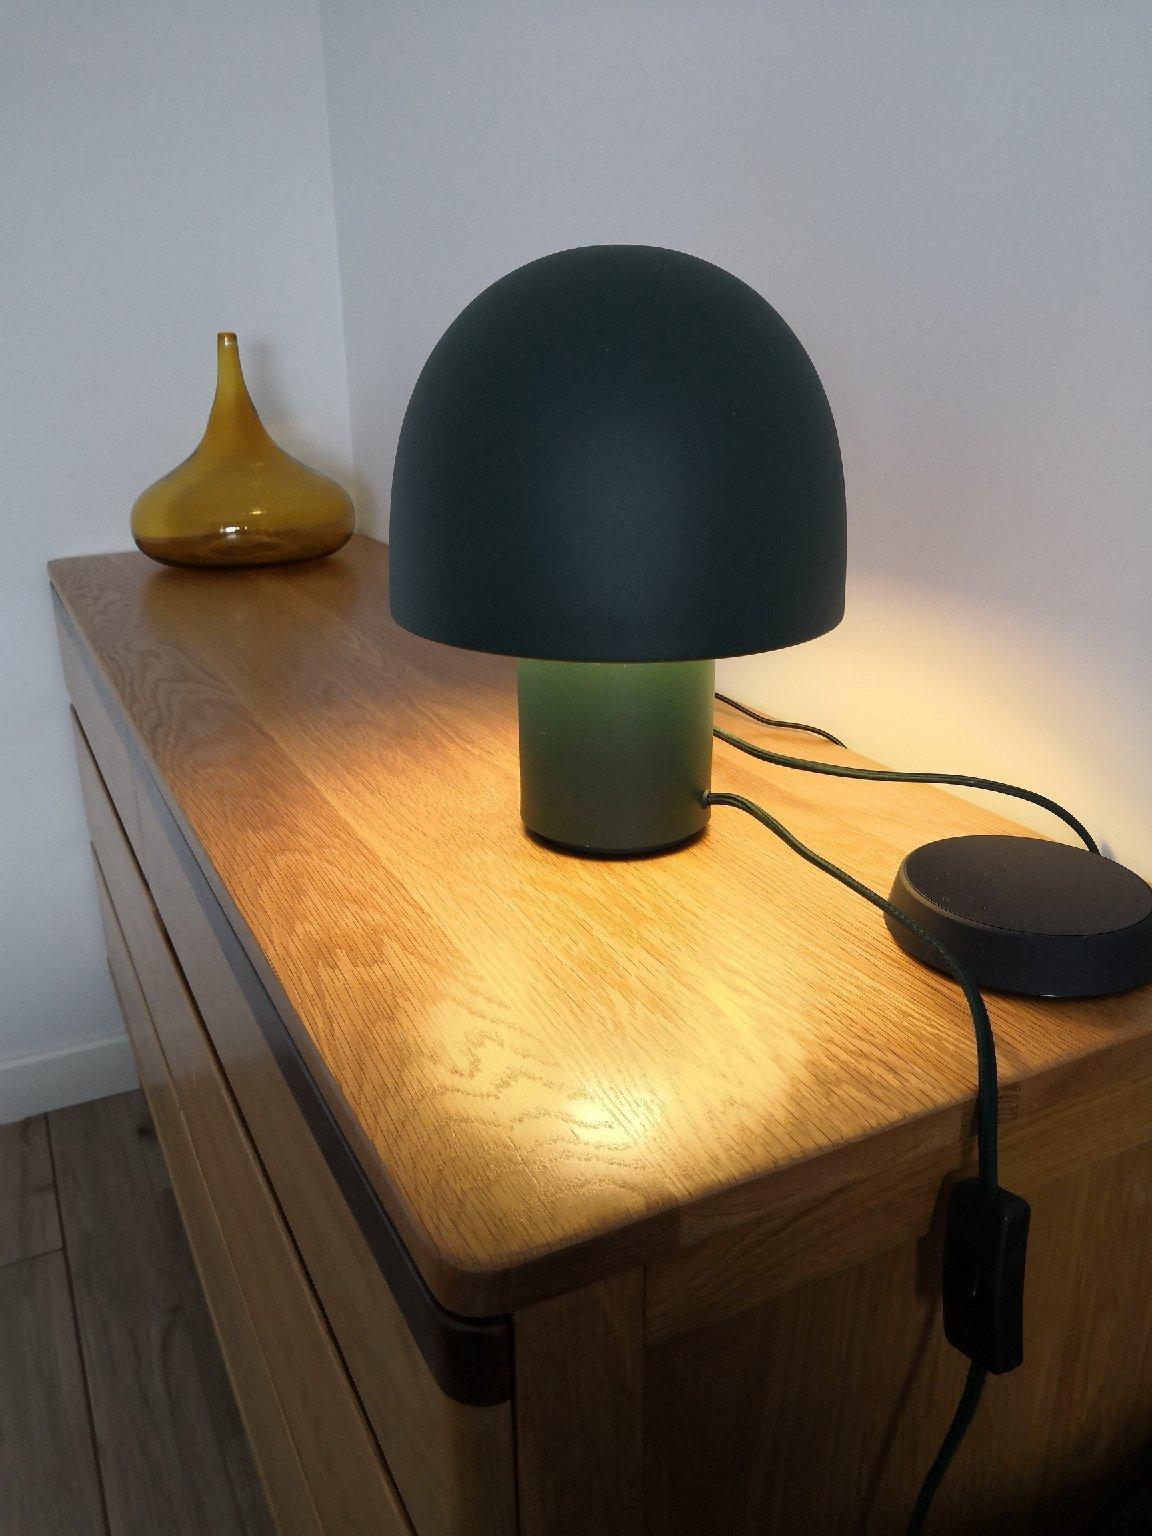 陈军峰对蘑菇台灯发布的晒单效果图及评价